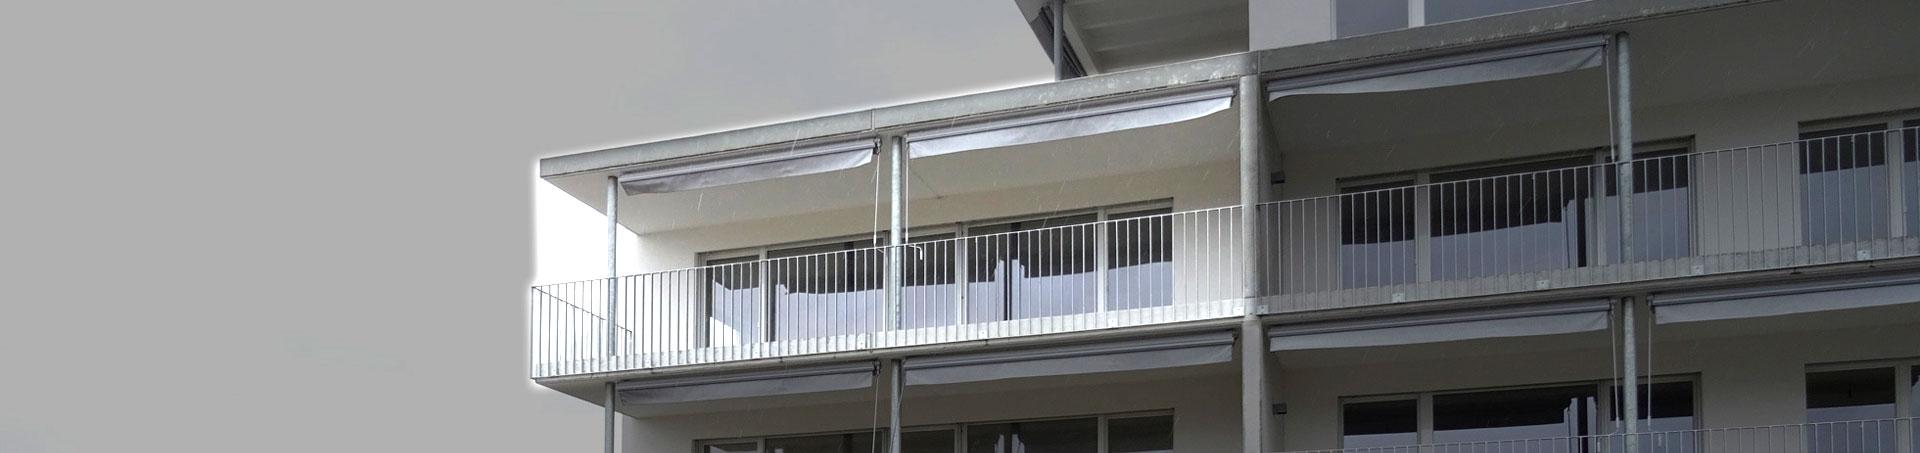 stiglimattstrasse 19 2 og. Black Bedroom Furniture Sets. Home Design Ideas